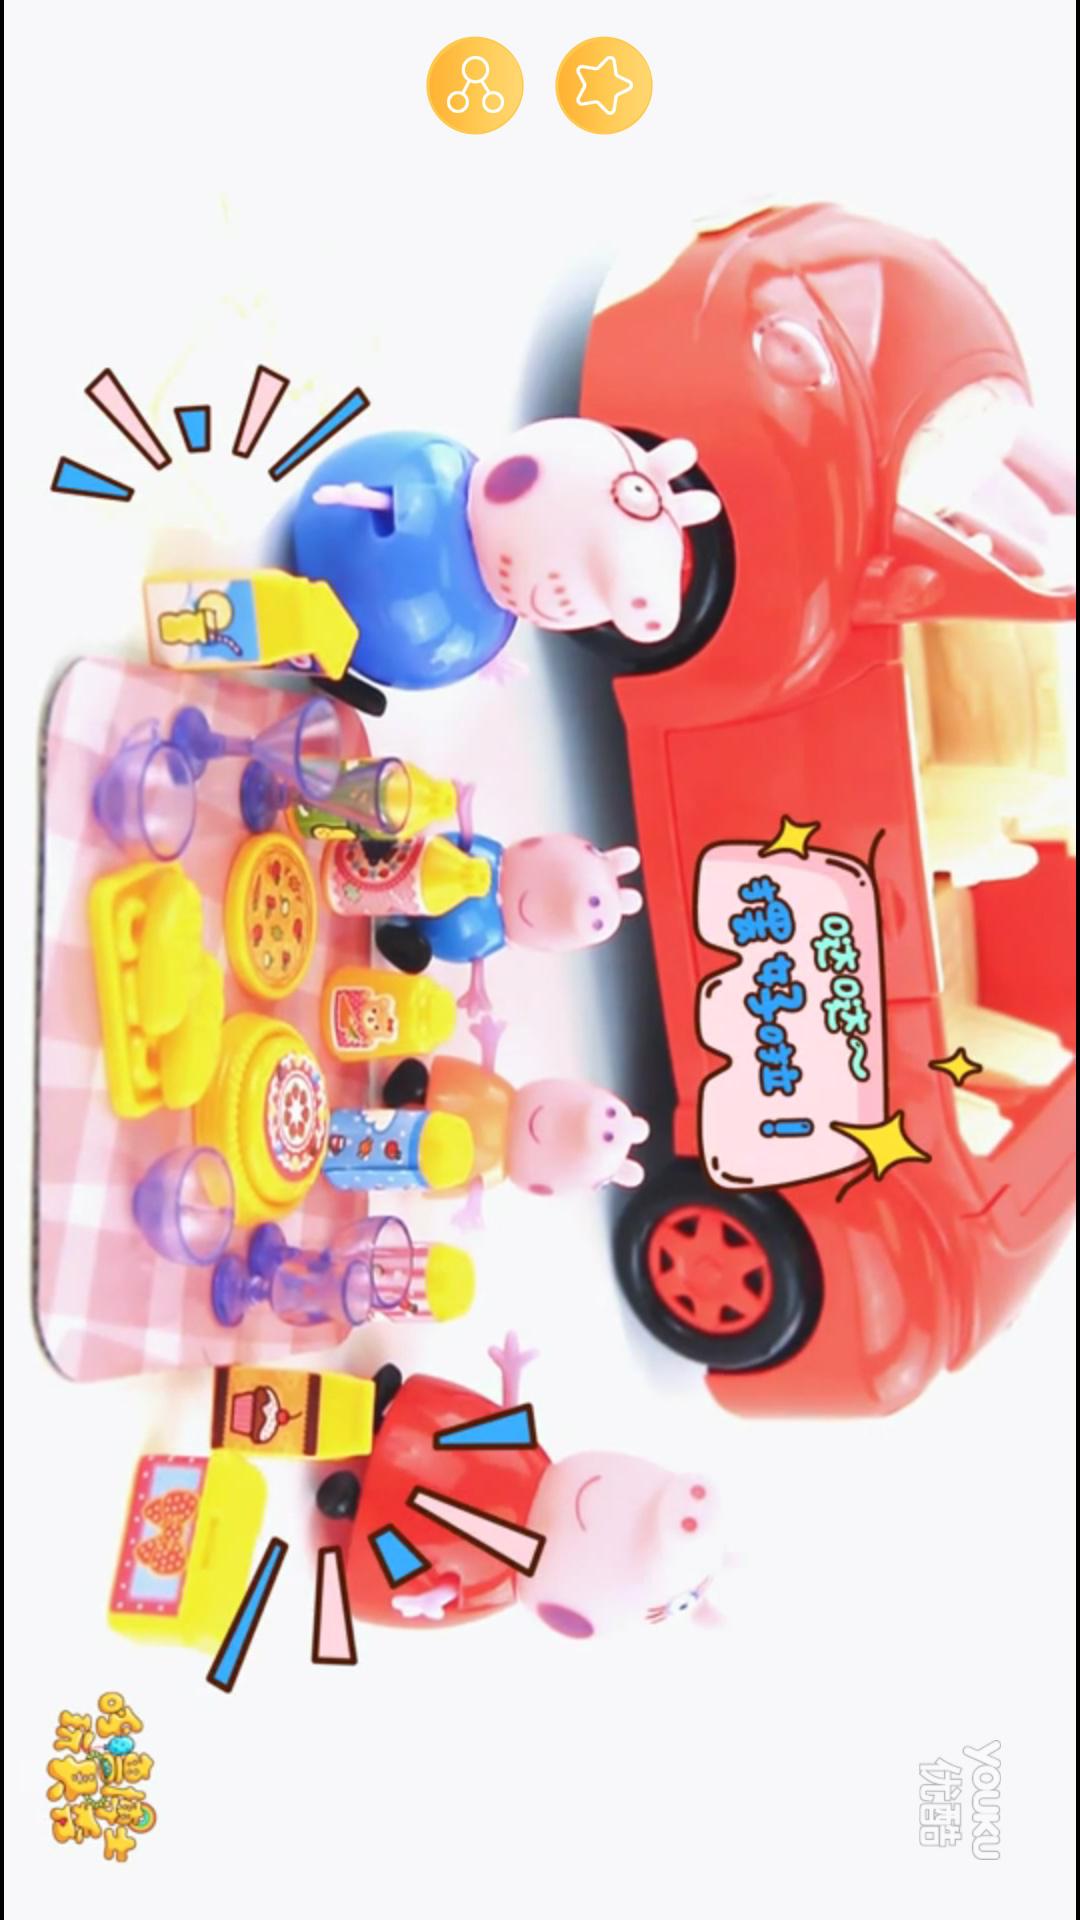 呼噜博士玩具秀